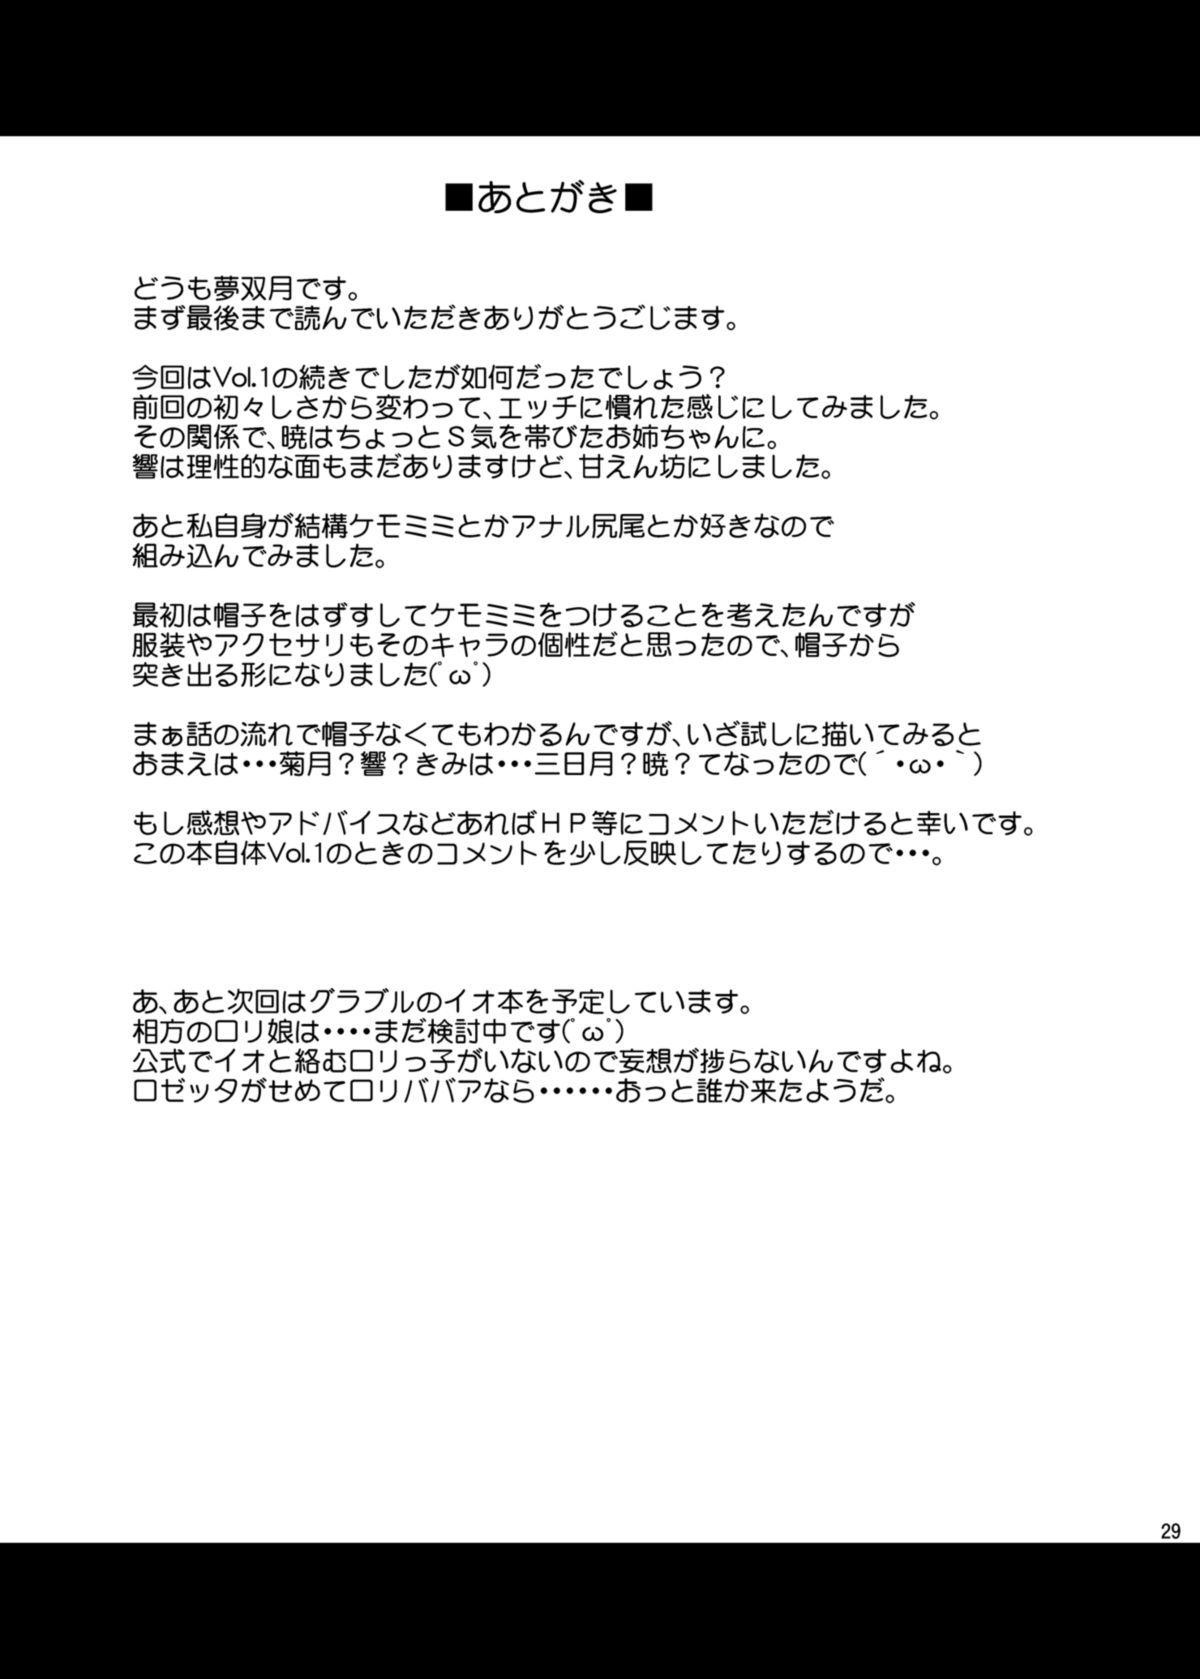 Loli & Futa Vol.3 page 28